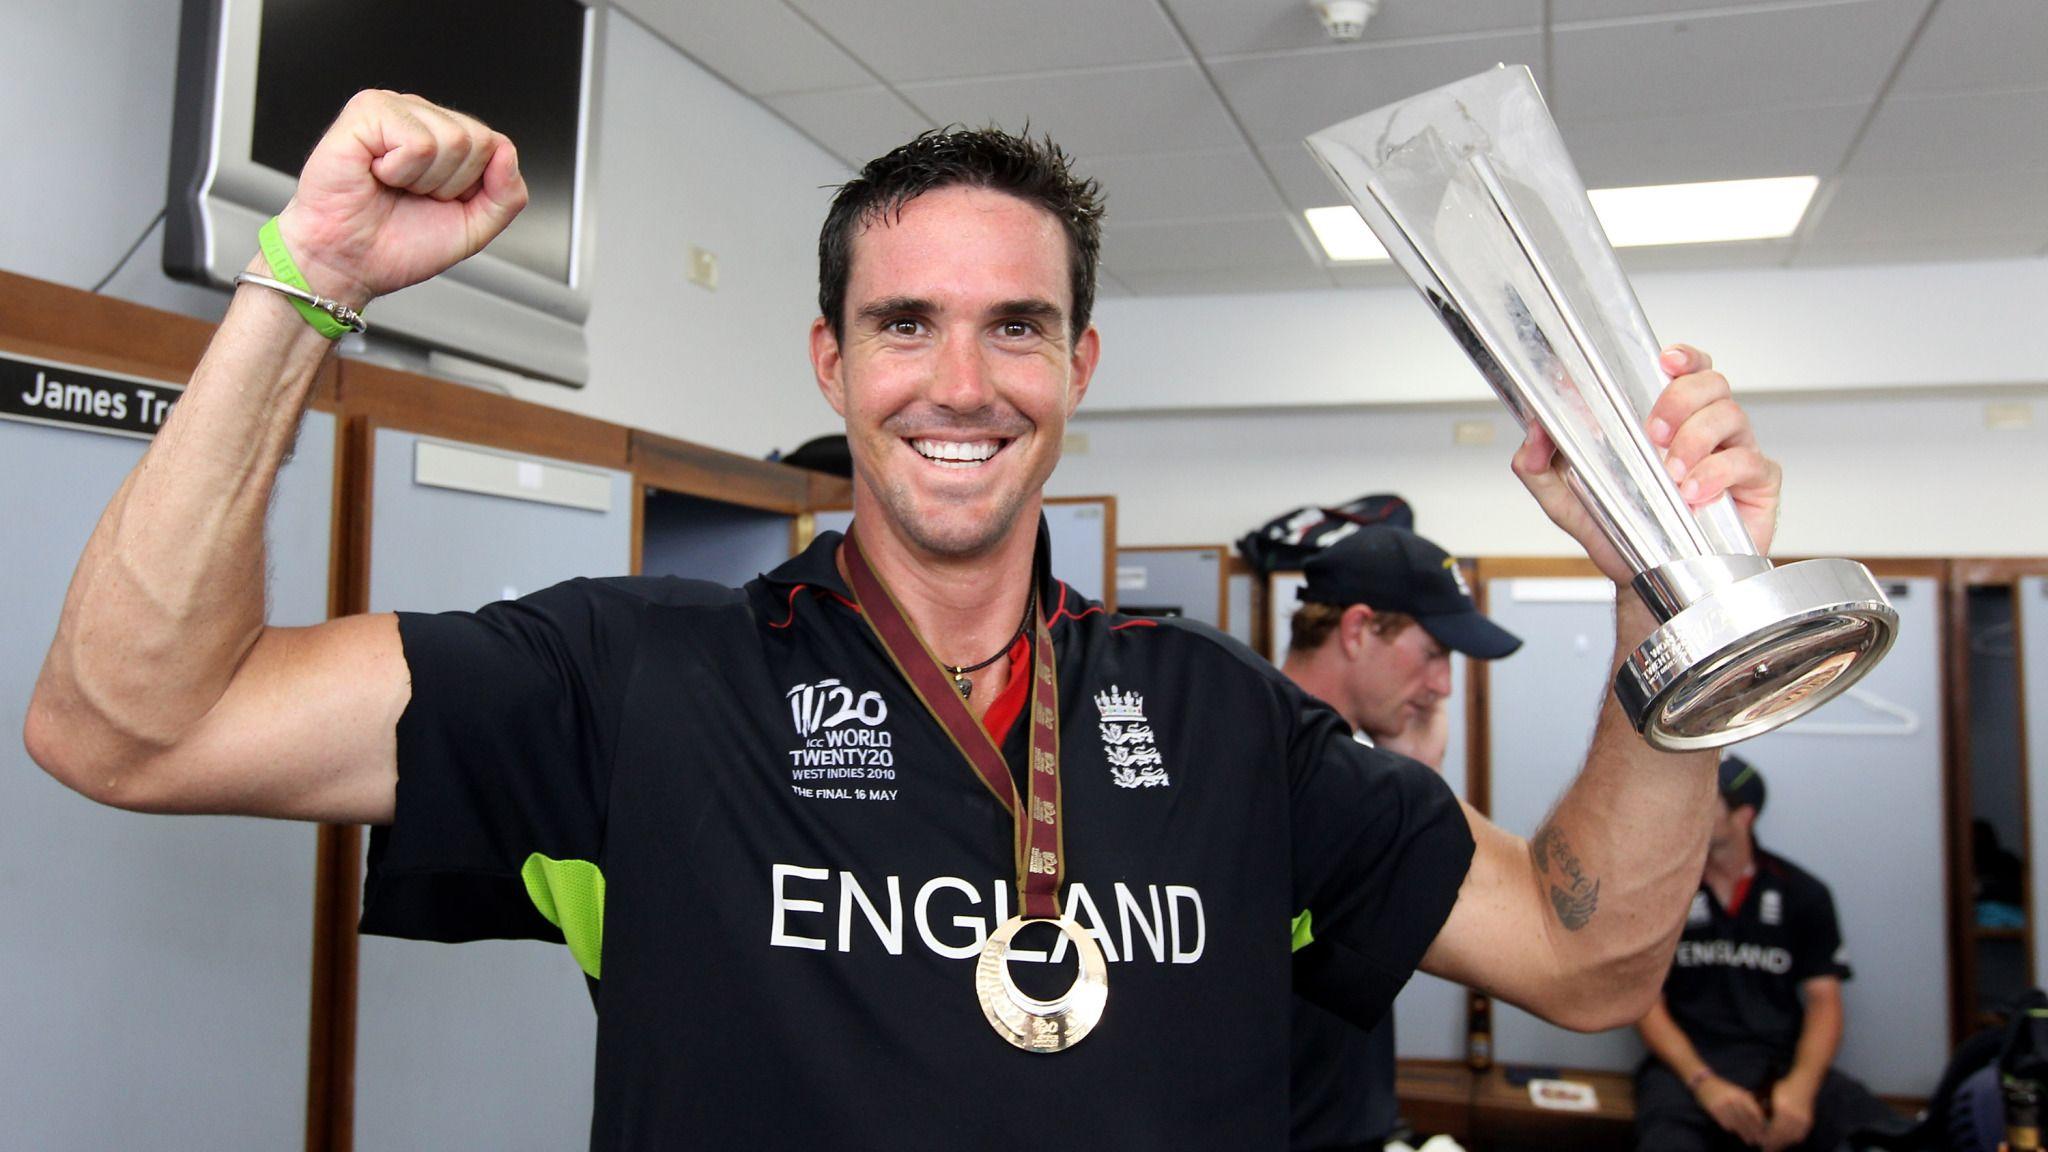 पीटरसन 2010 वर्ल्ड कप में प्लेयर ऑफ द टूर्नामेंट रहे थे।